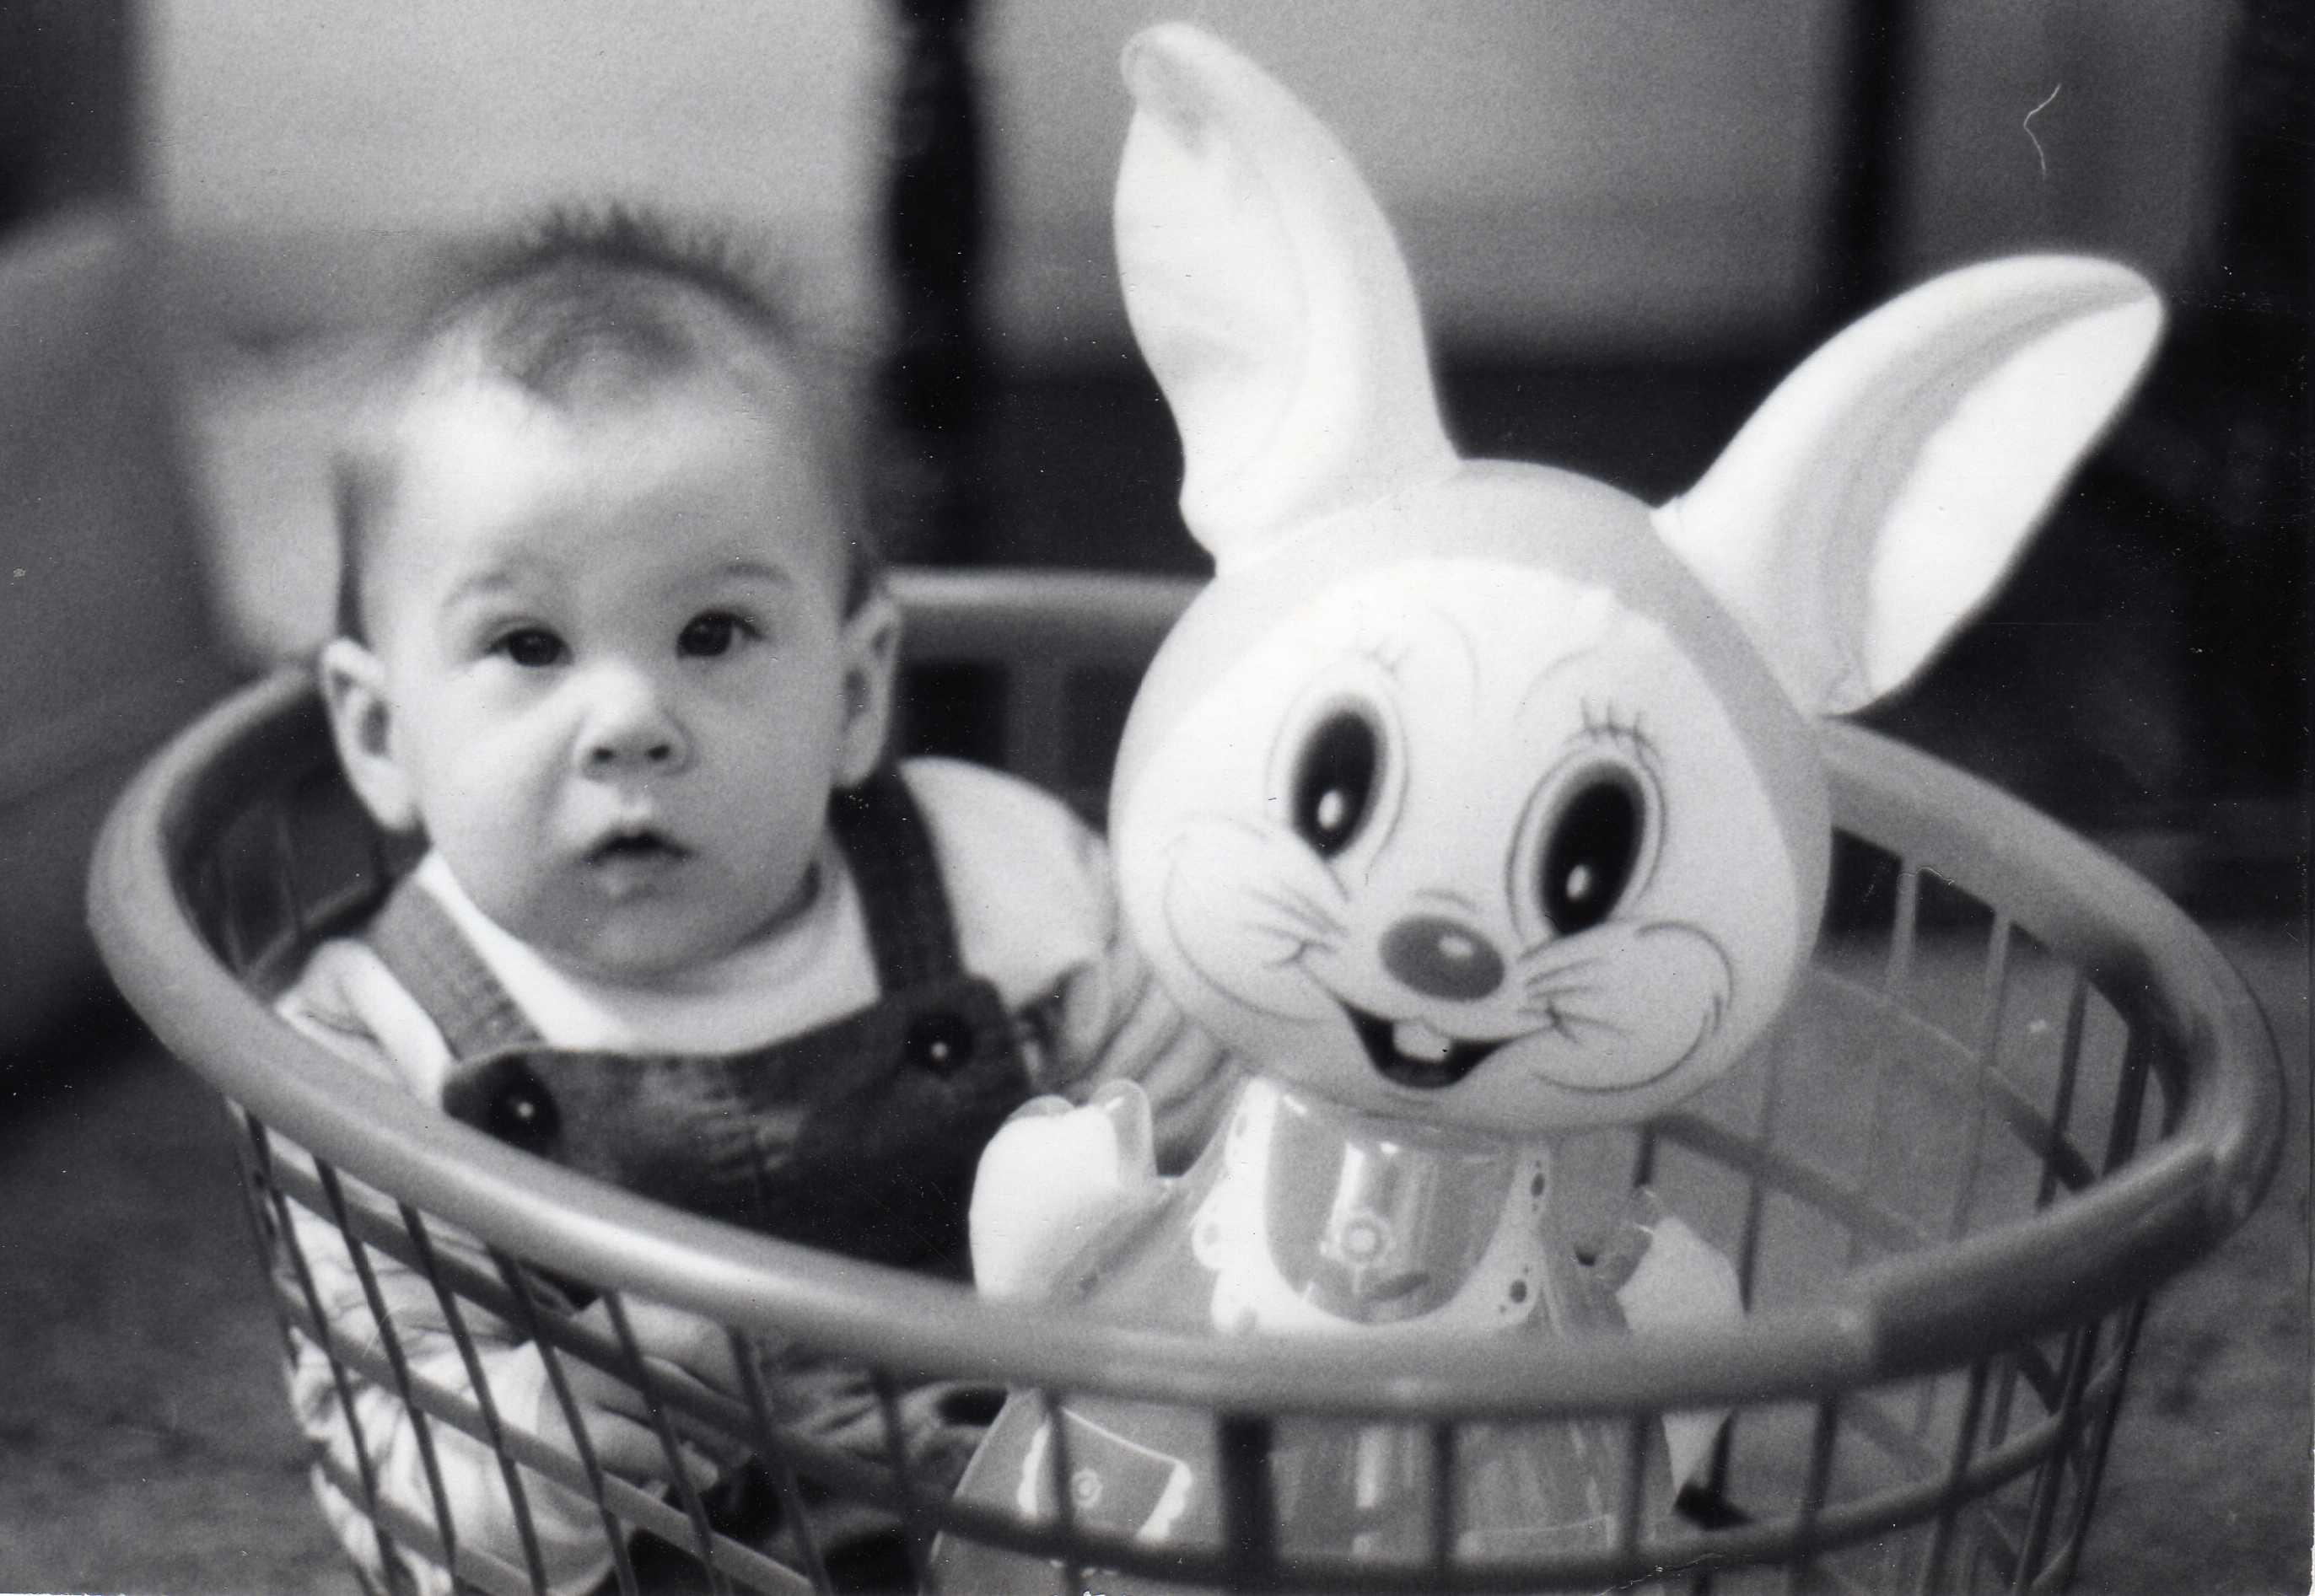 Kids in laundry baskets